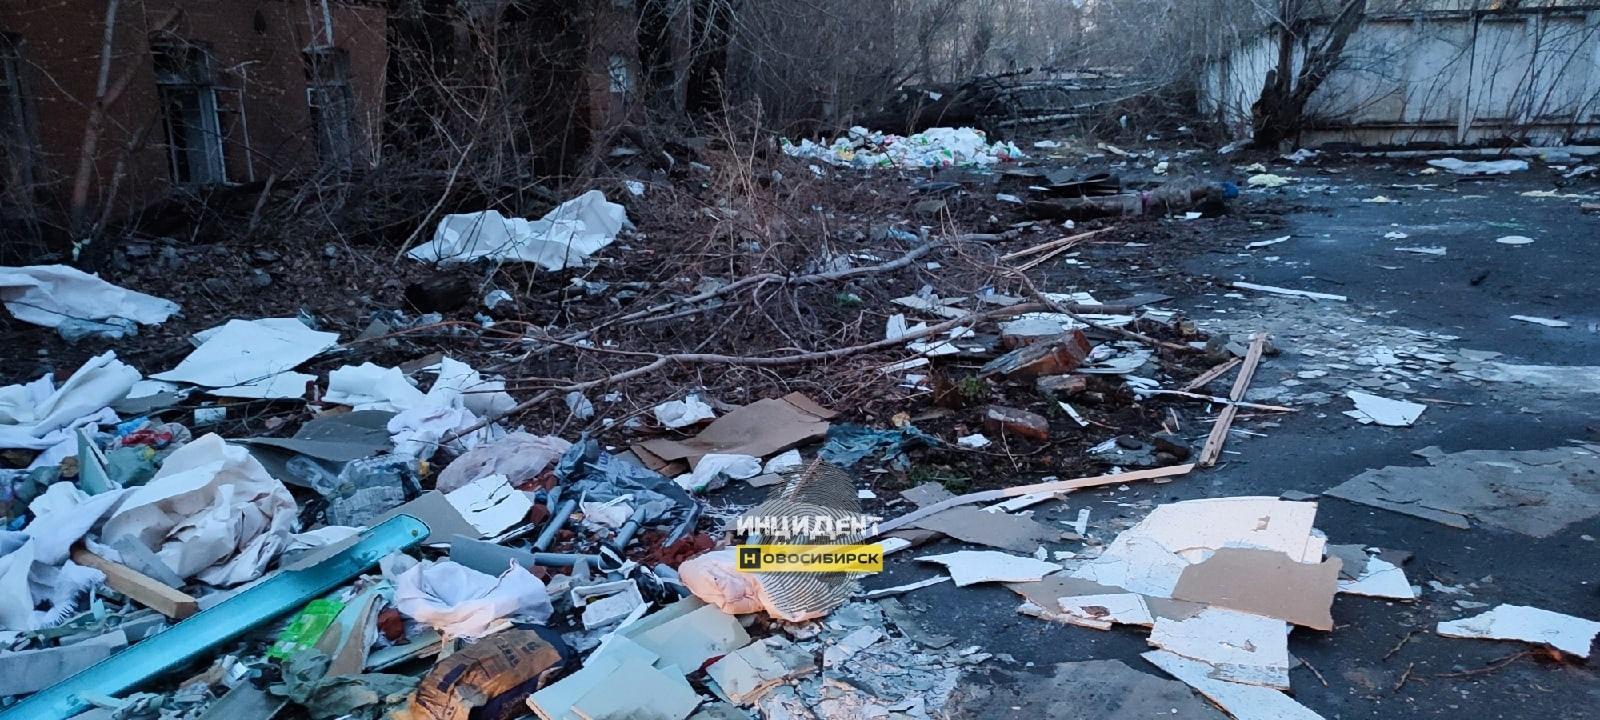 фото Огромную свалку нашли на территории Военного городка в Новосибирске 2